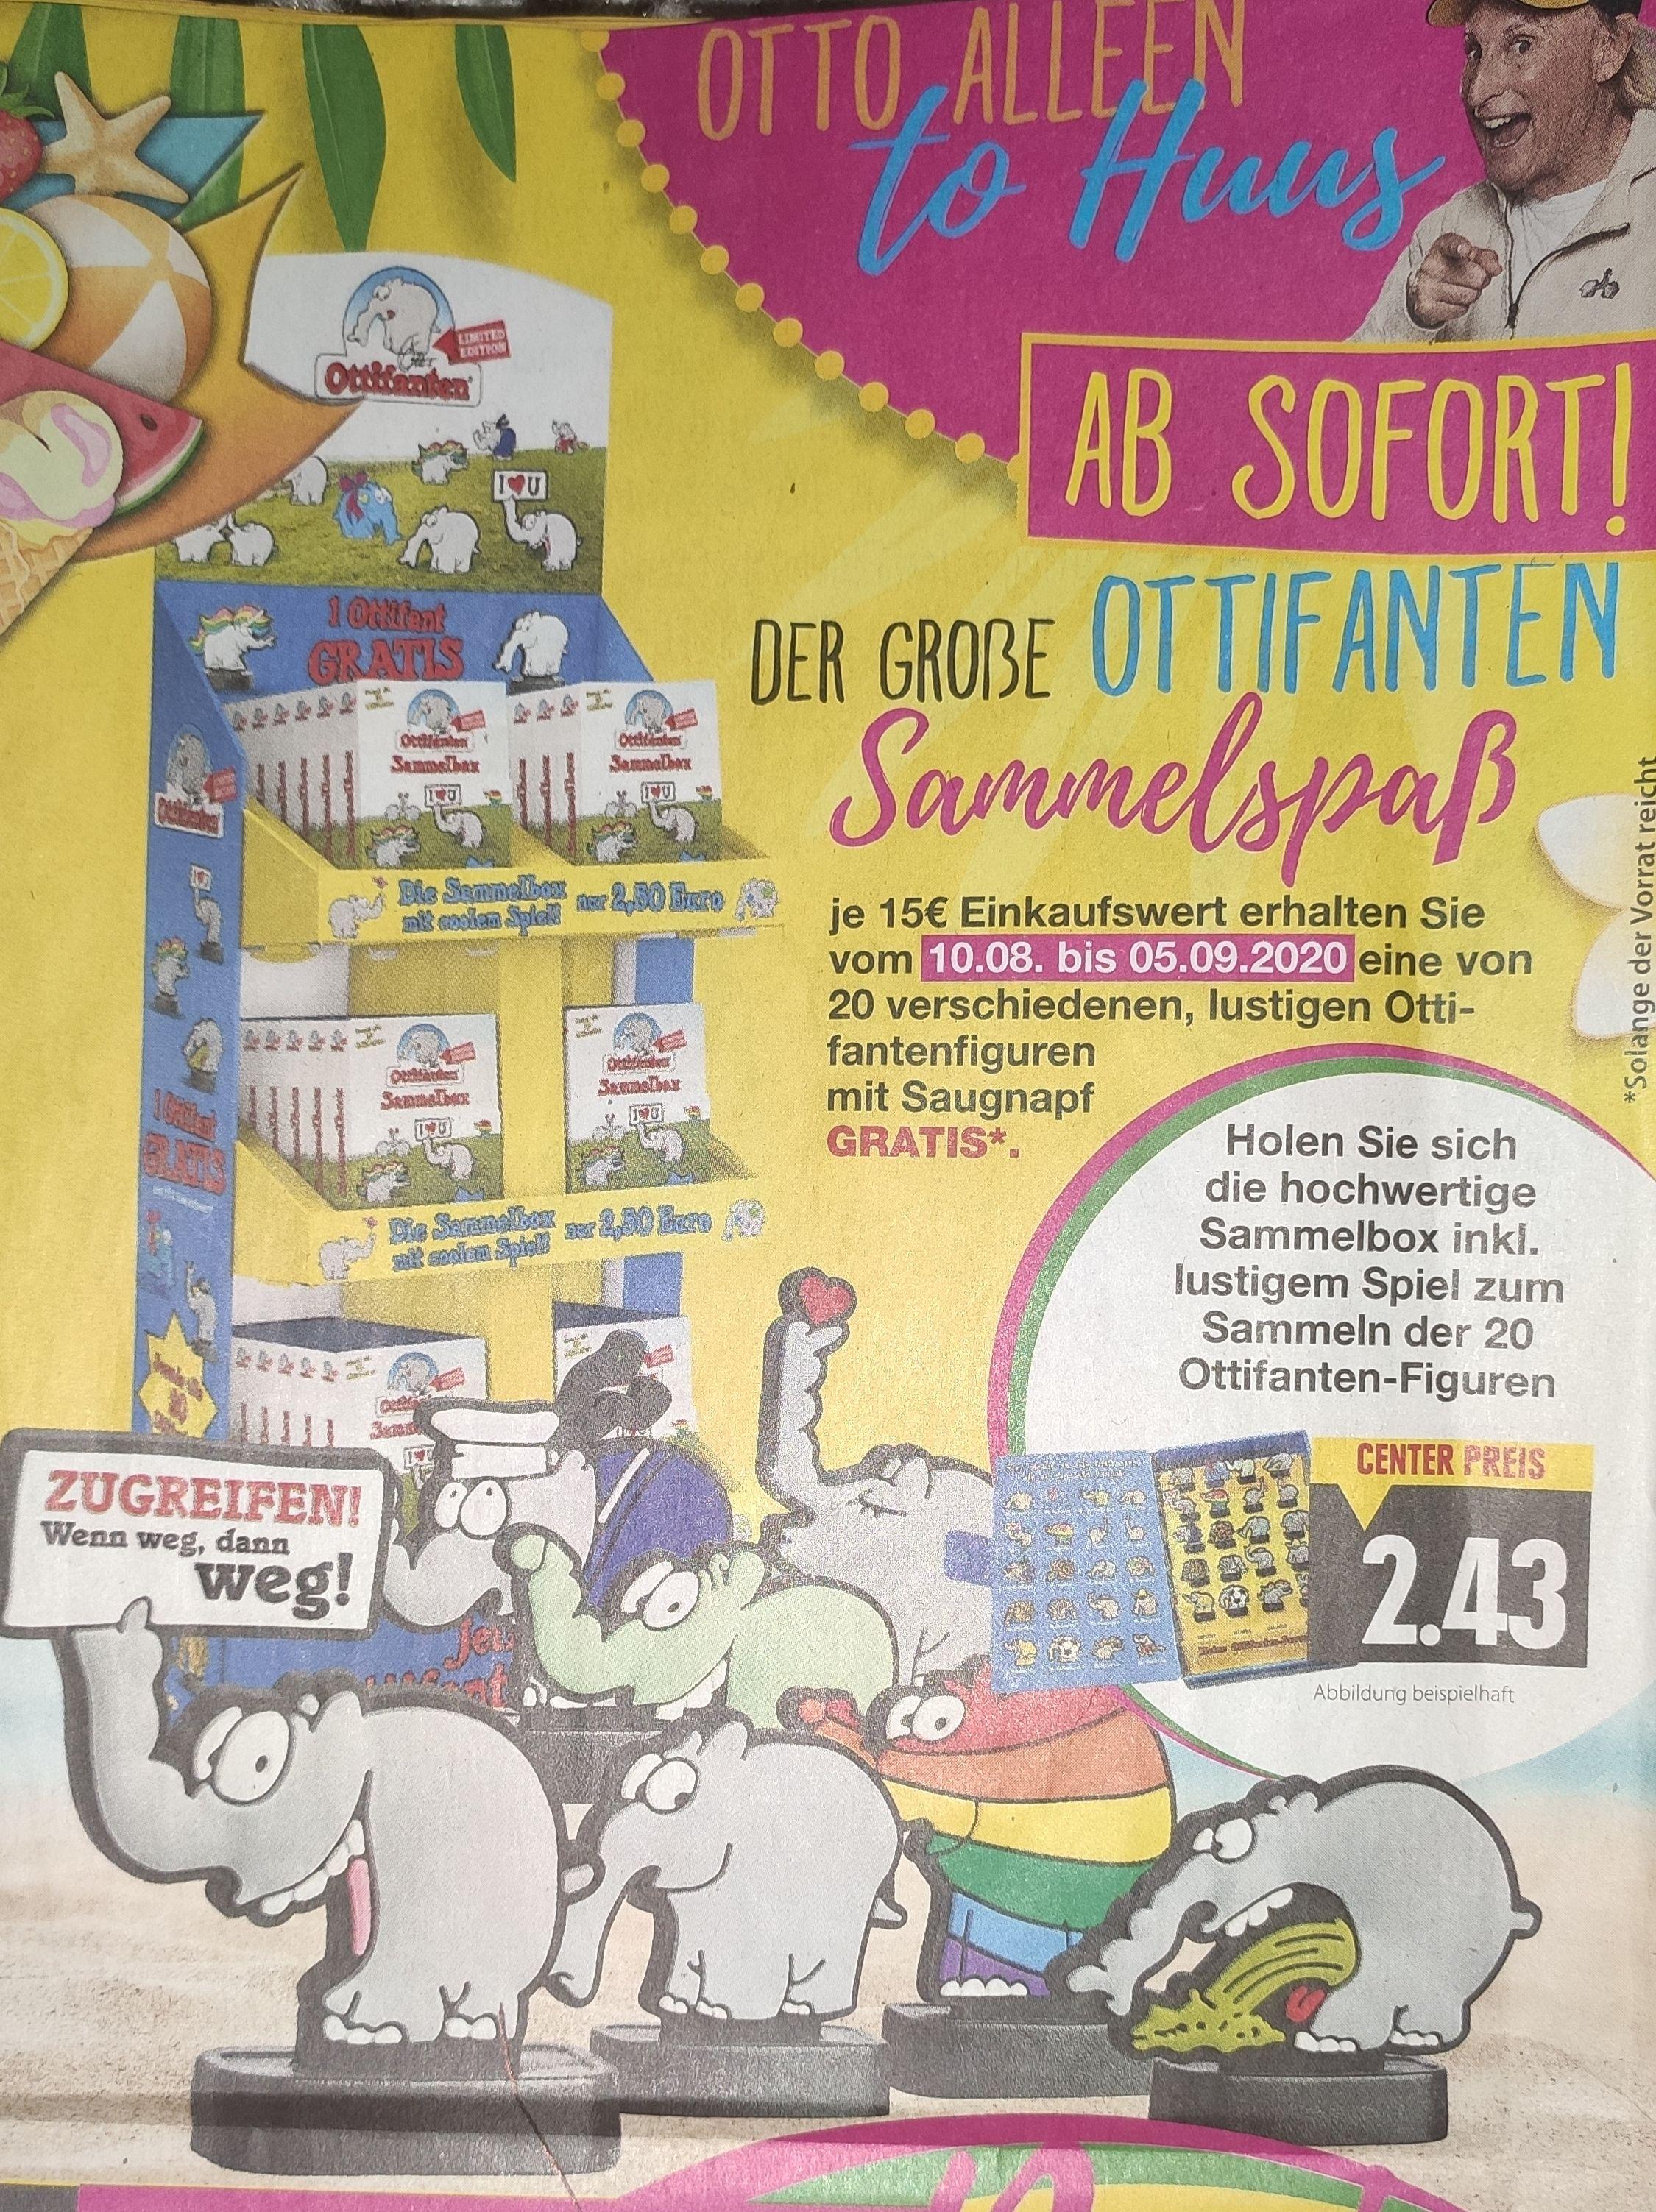 [Edeka +Edeka Center + Marktkauf Minden-Hannover] Je 15€ Einkaufswert 1 Ottifanten bis zum 05.09.2020 gratis